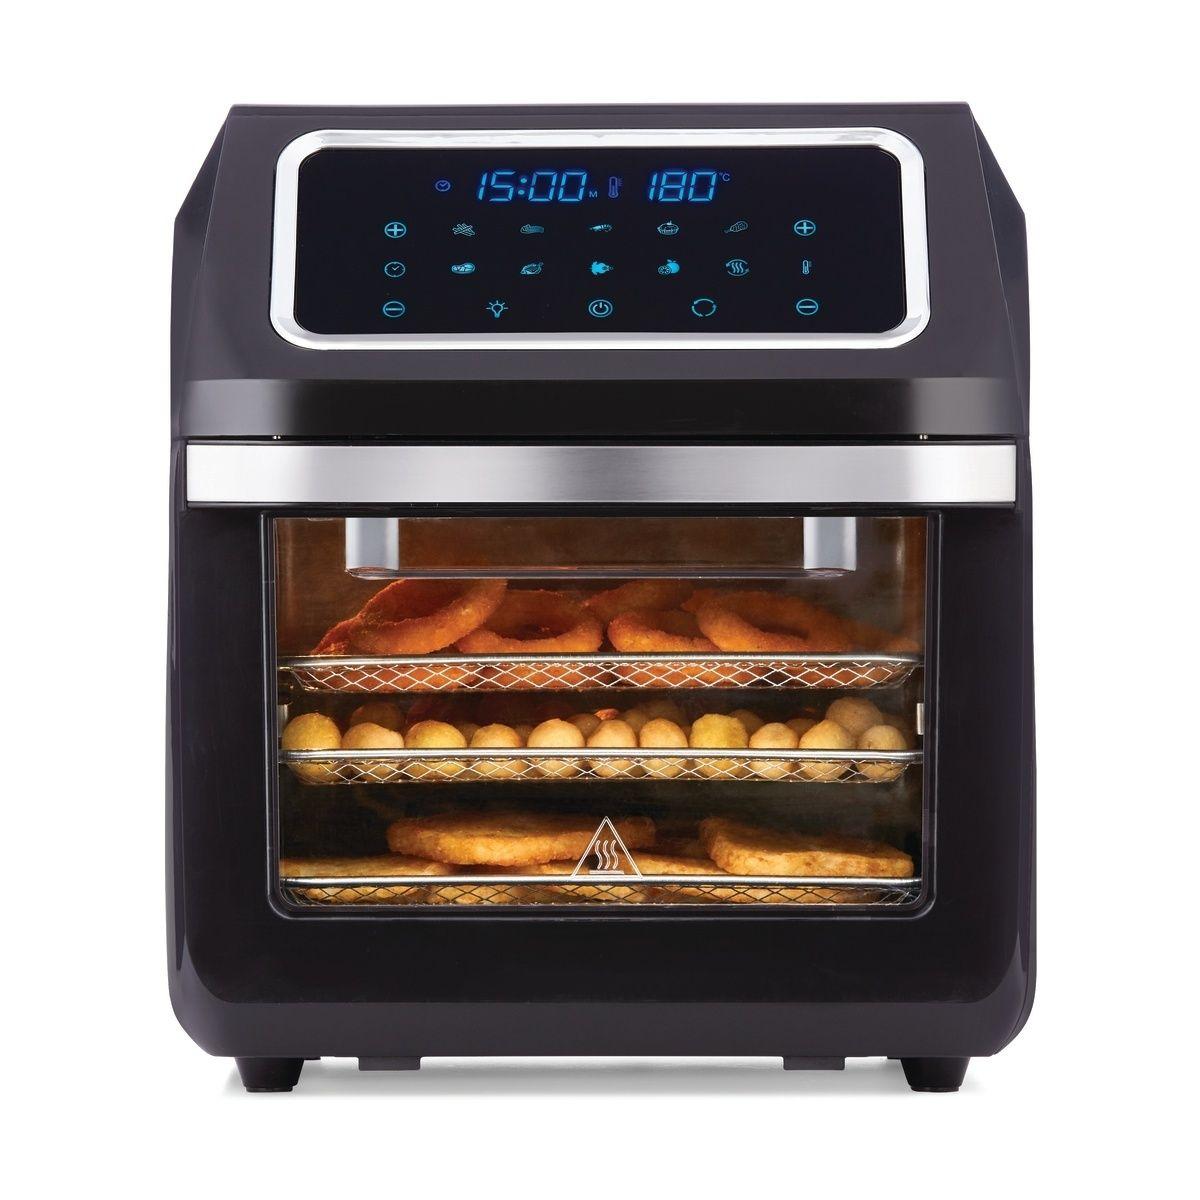 3-in-1 Air Fryer Oven | Kmart